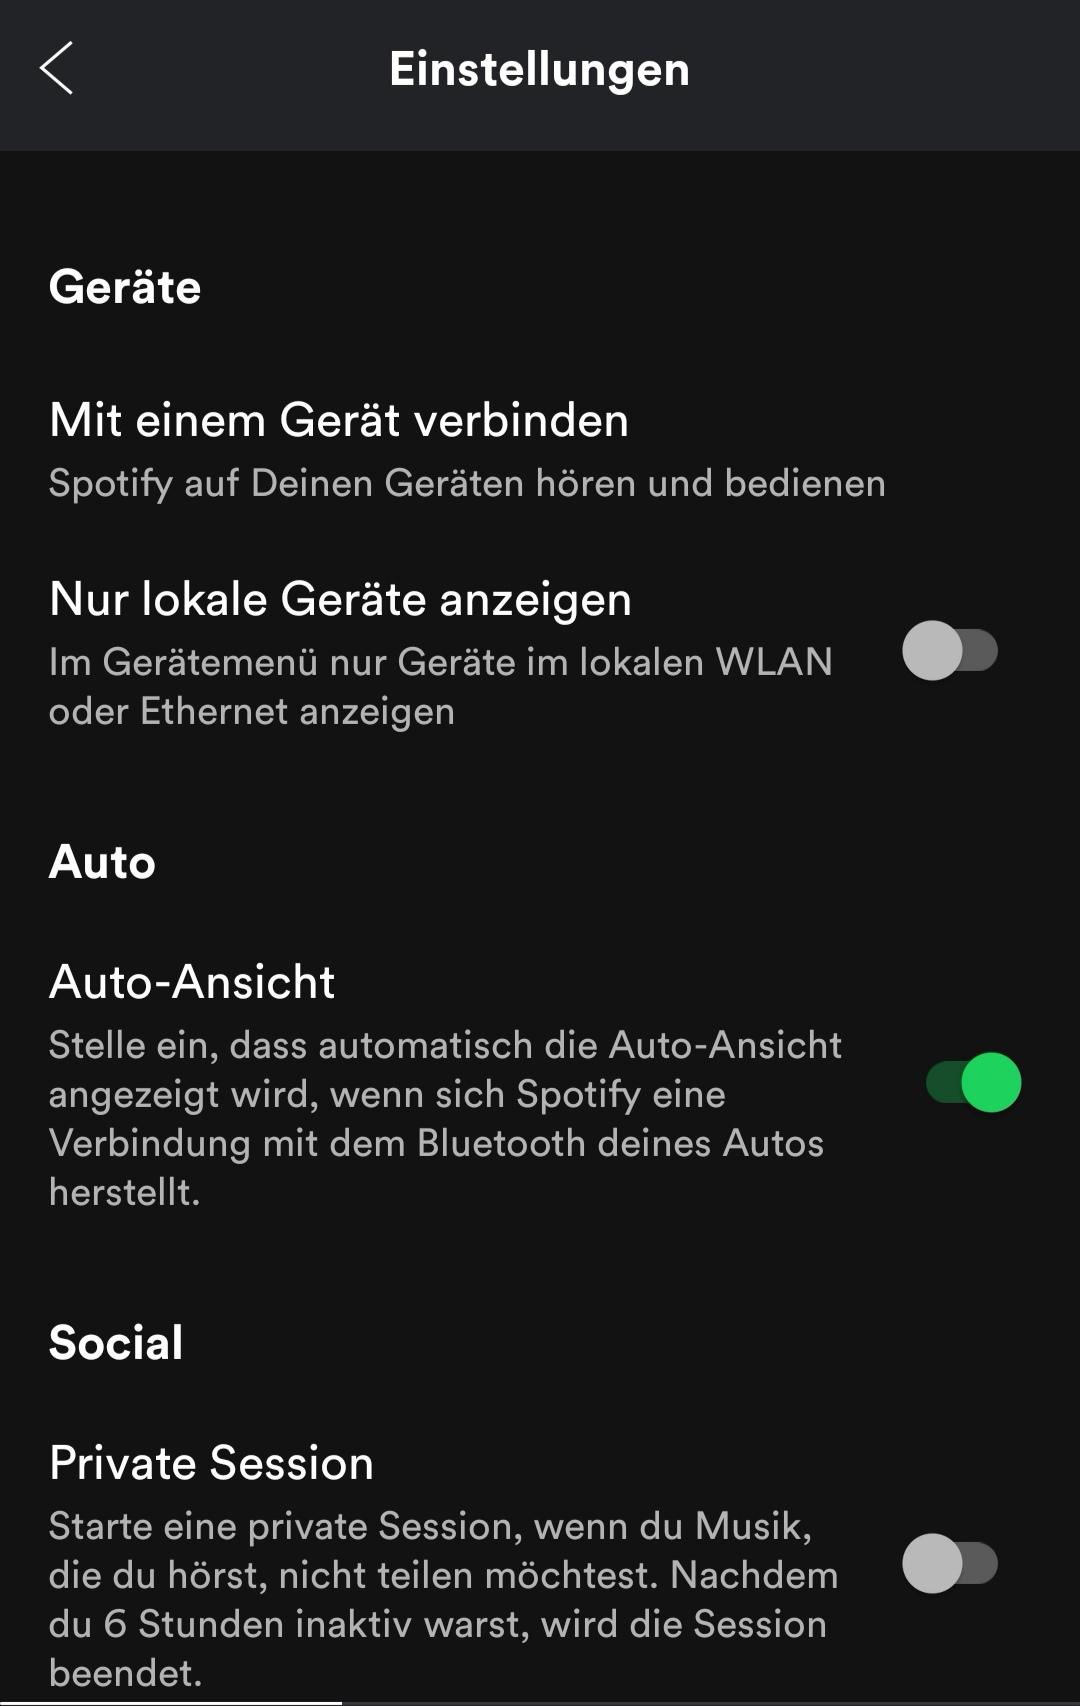 Spotify Einstellungen Android